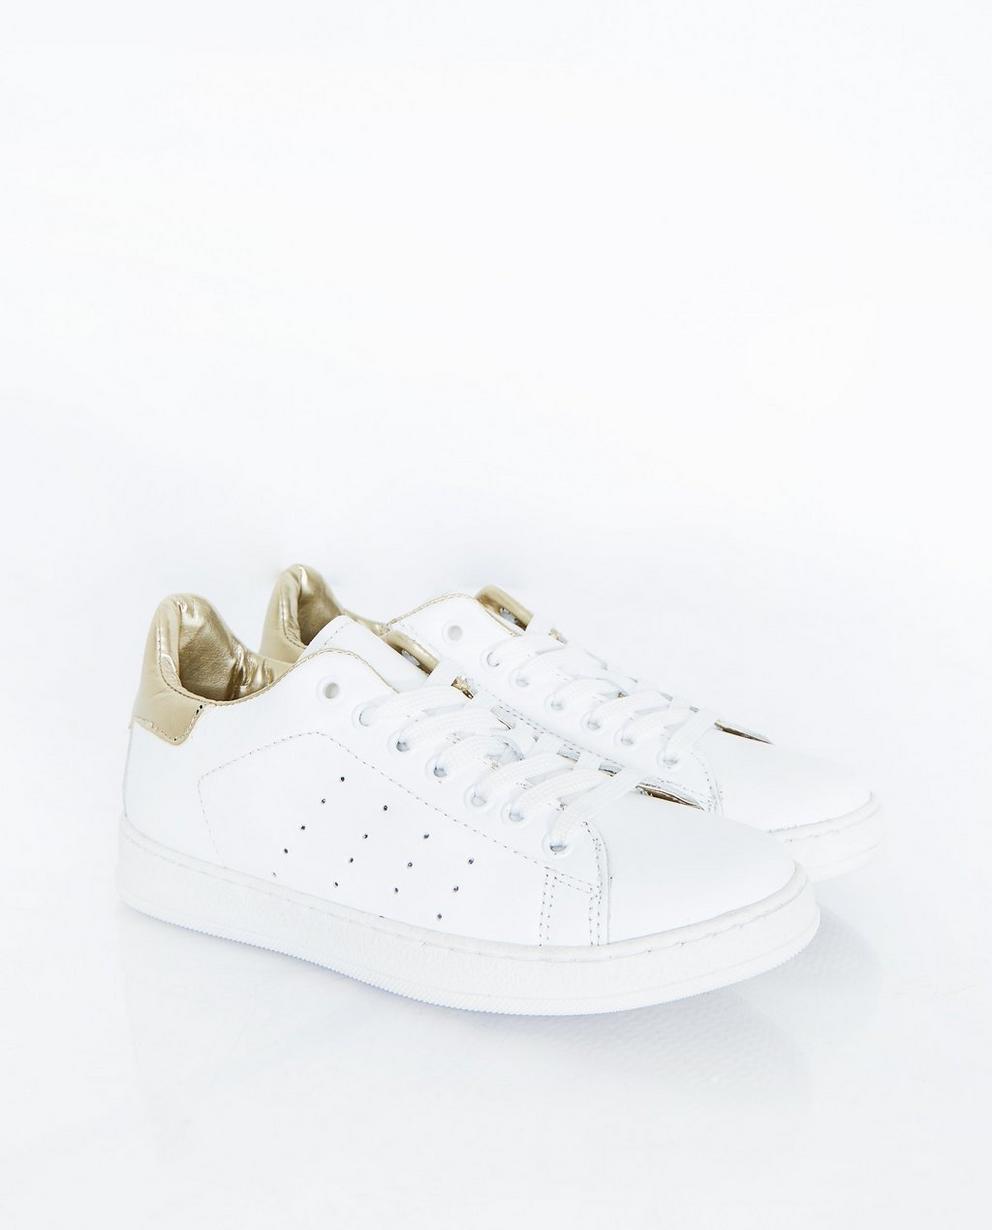 Weiße Ledersneakers - mit goldfarbenem Zierelement - JBC